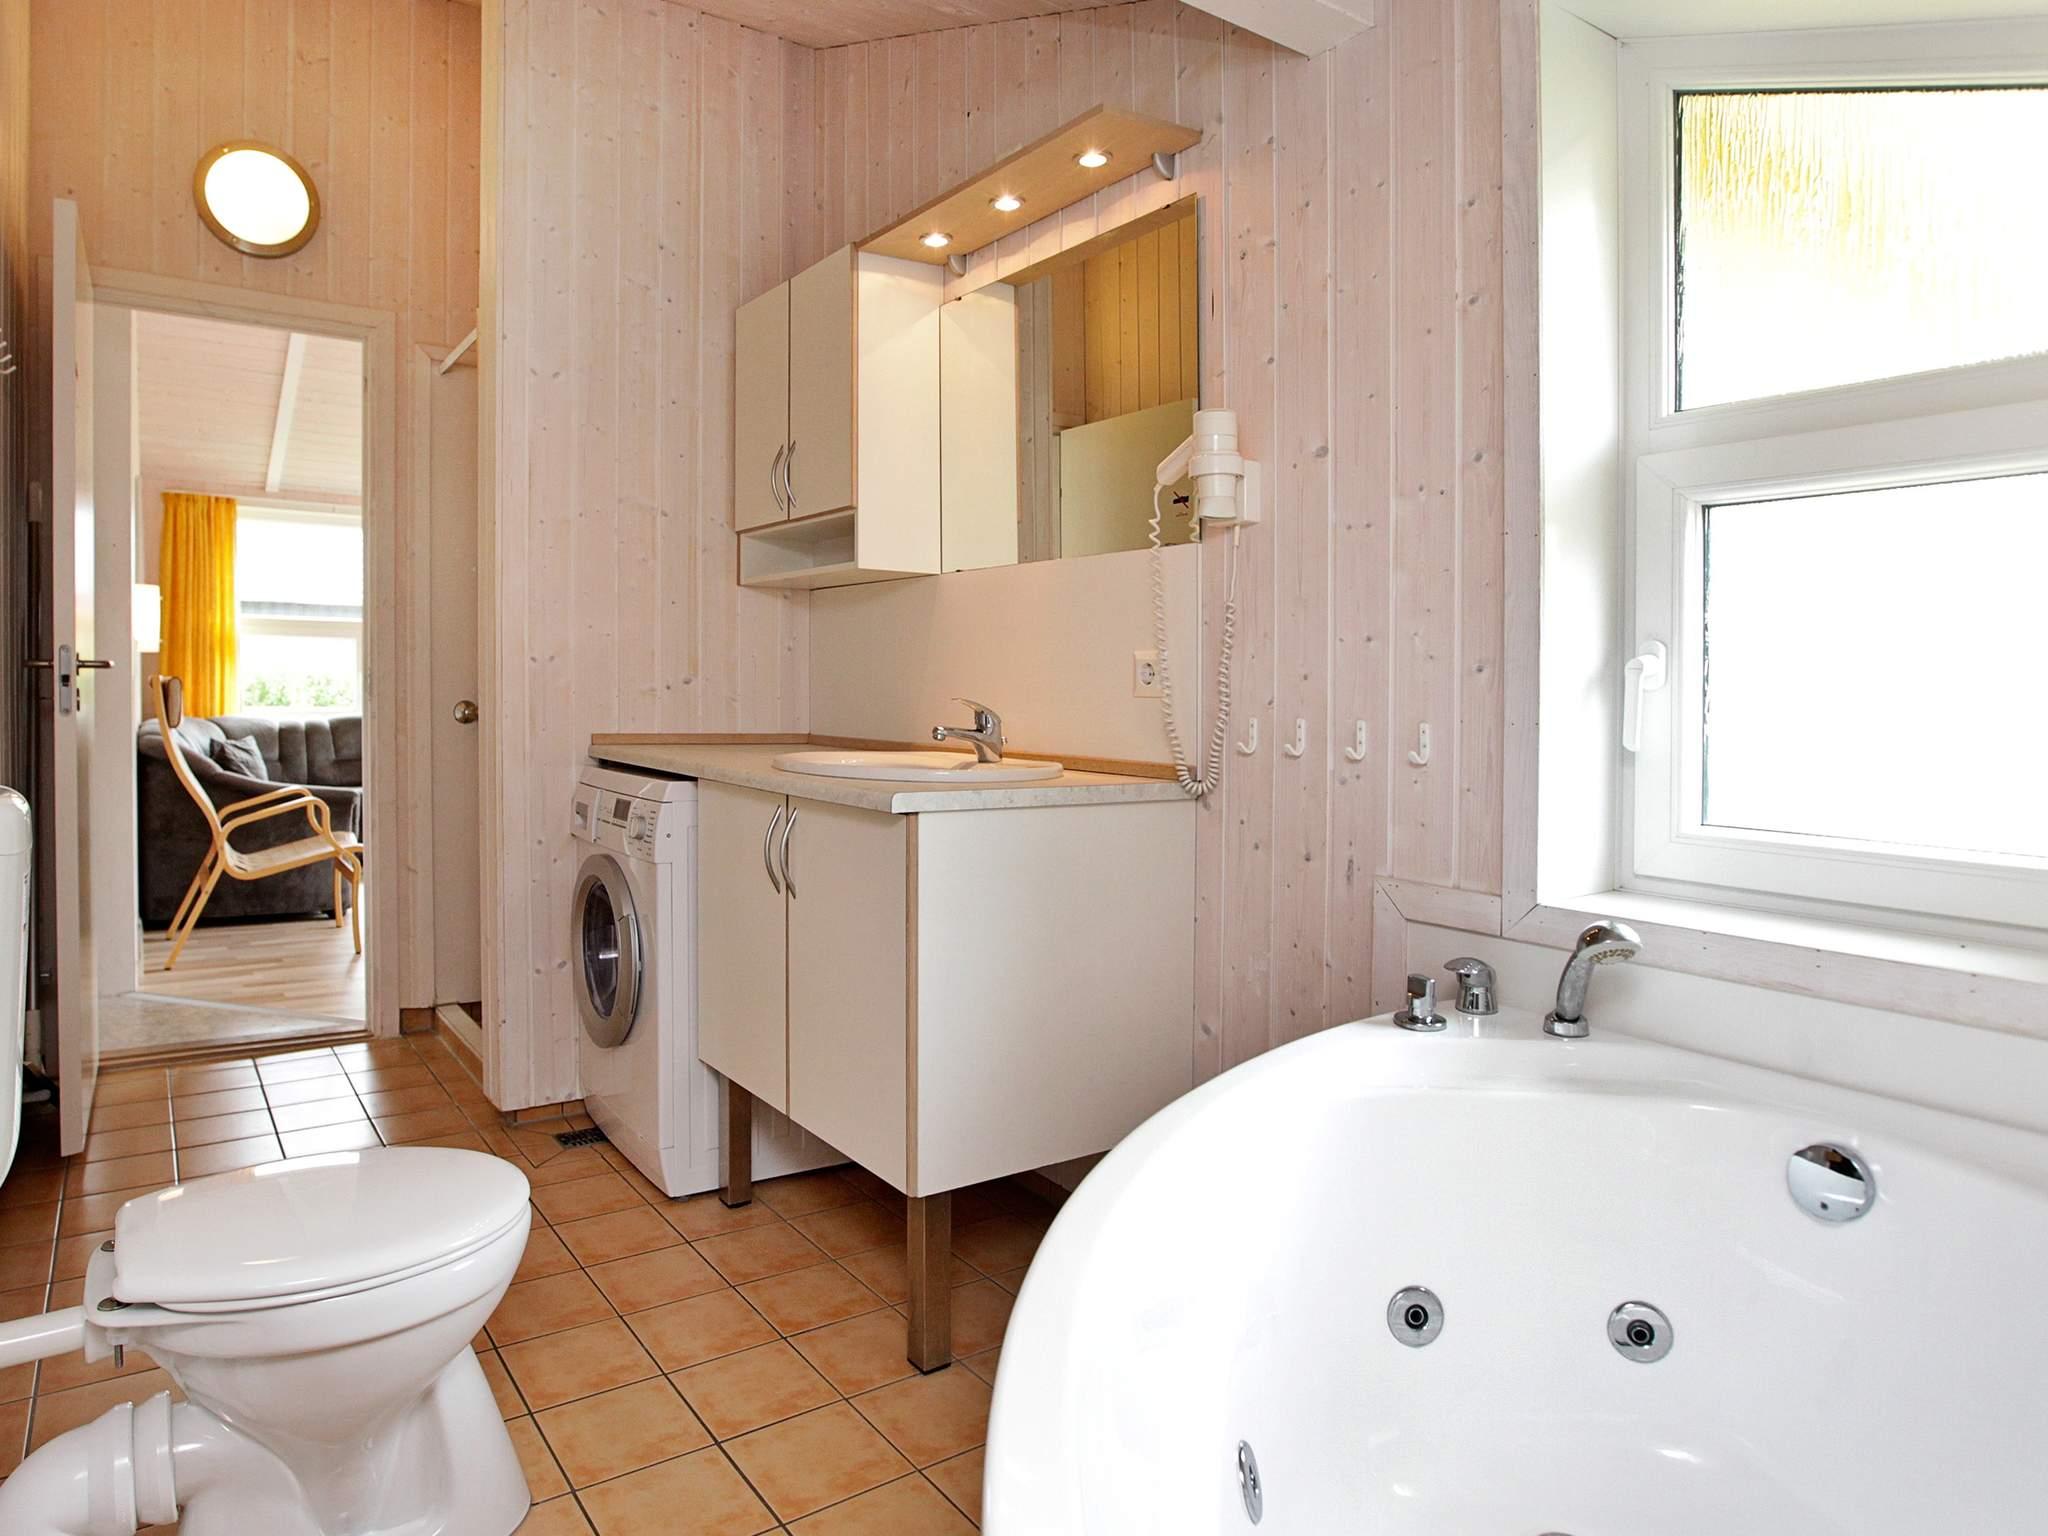 Maison de vacances Grömitz (359058), Grömitz, Baie de Lübeck, Schleswig-Holstein, Allemagne, image 19